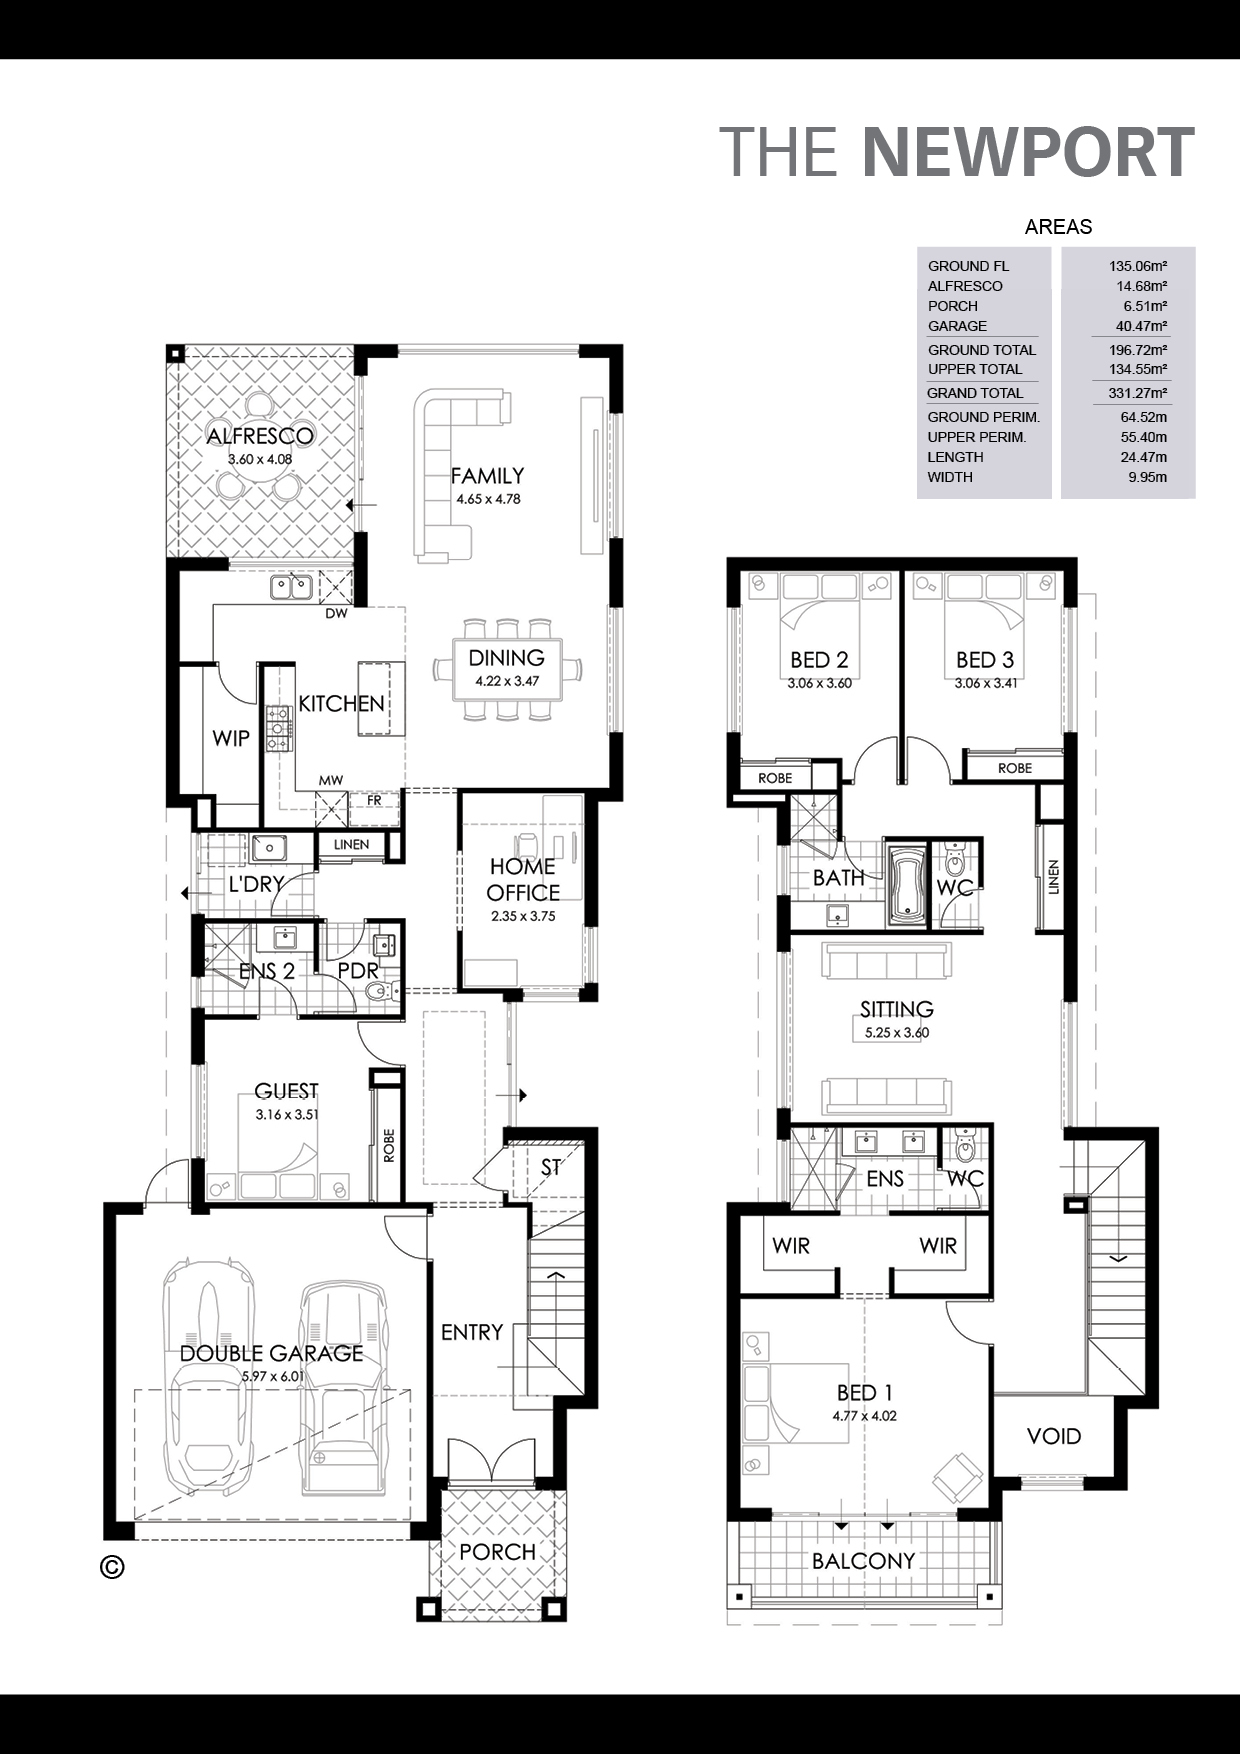 The Newport Floorplan